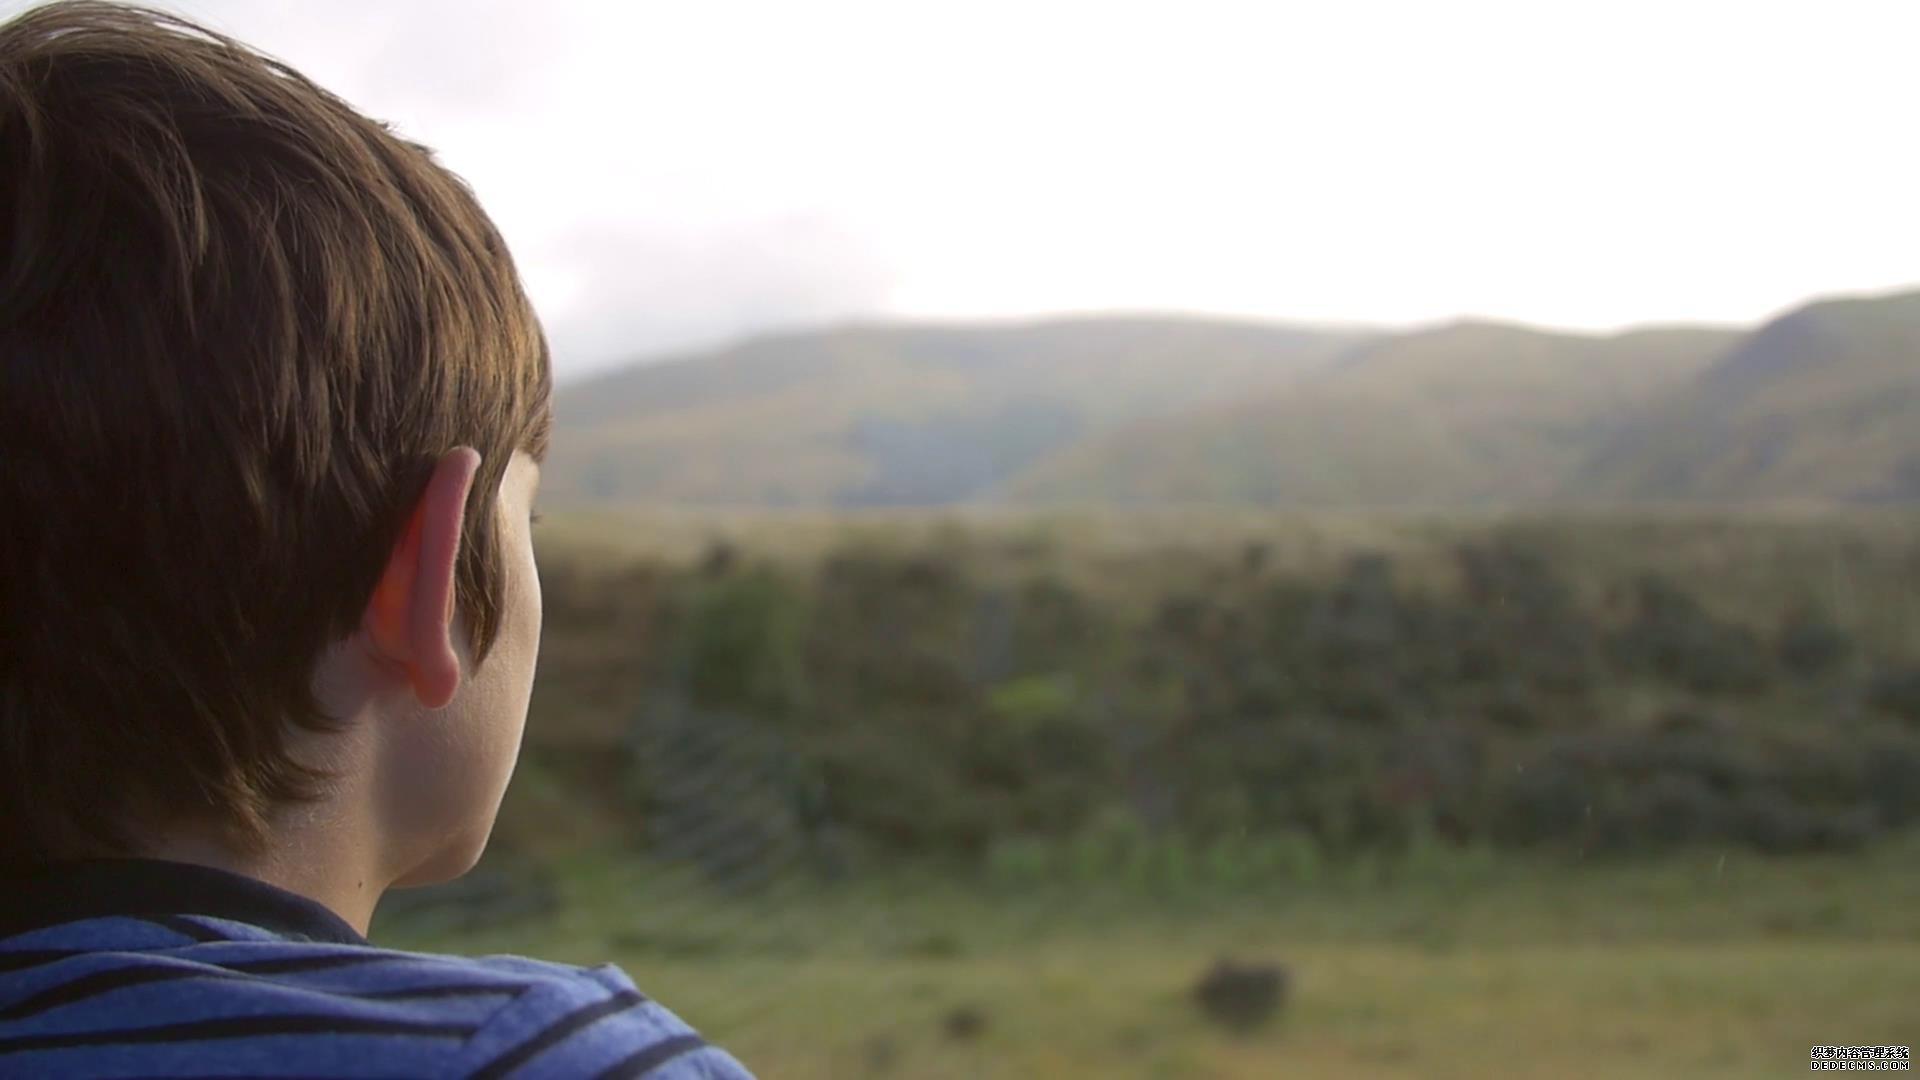 车辆行驶男孩欣赏窗外移动景致高清实拍